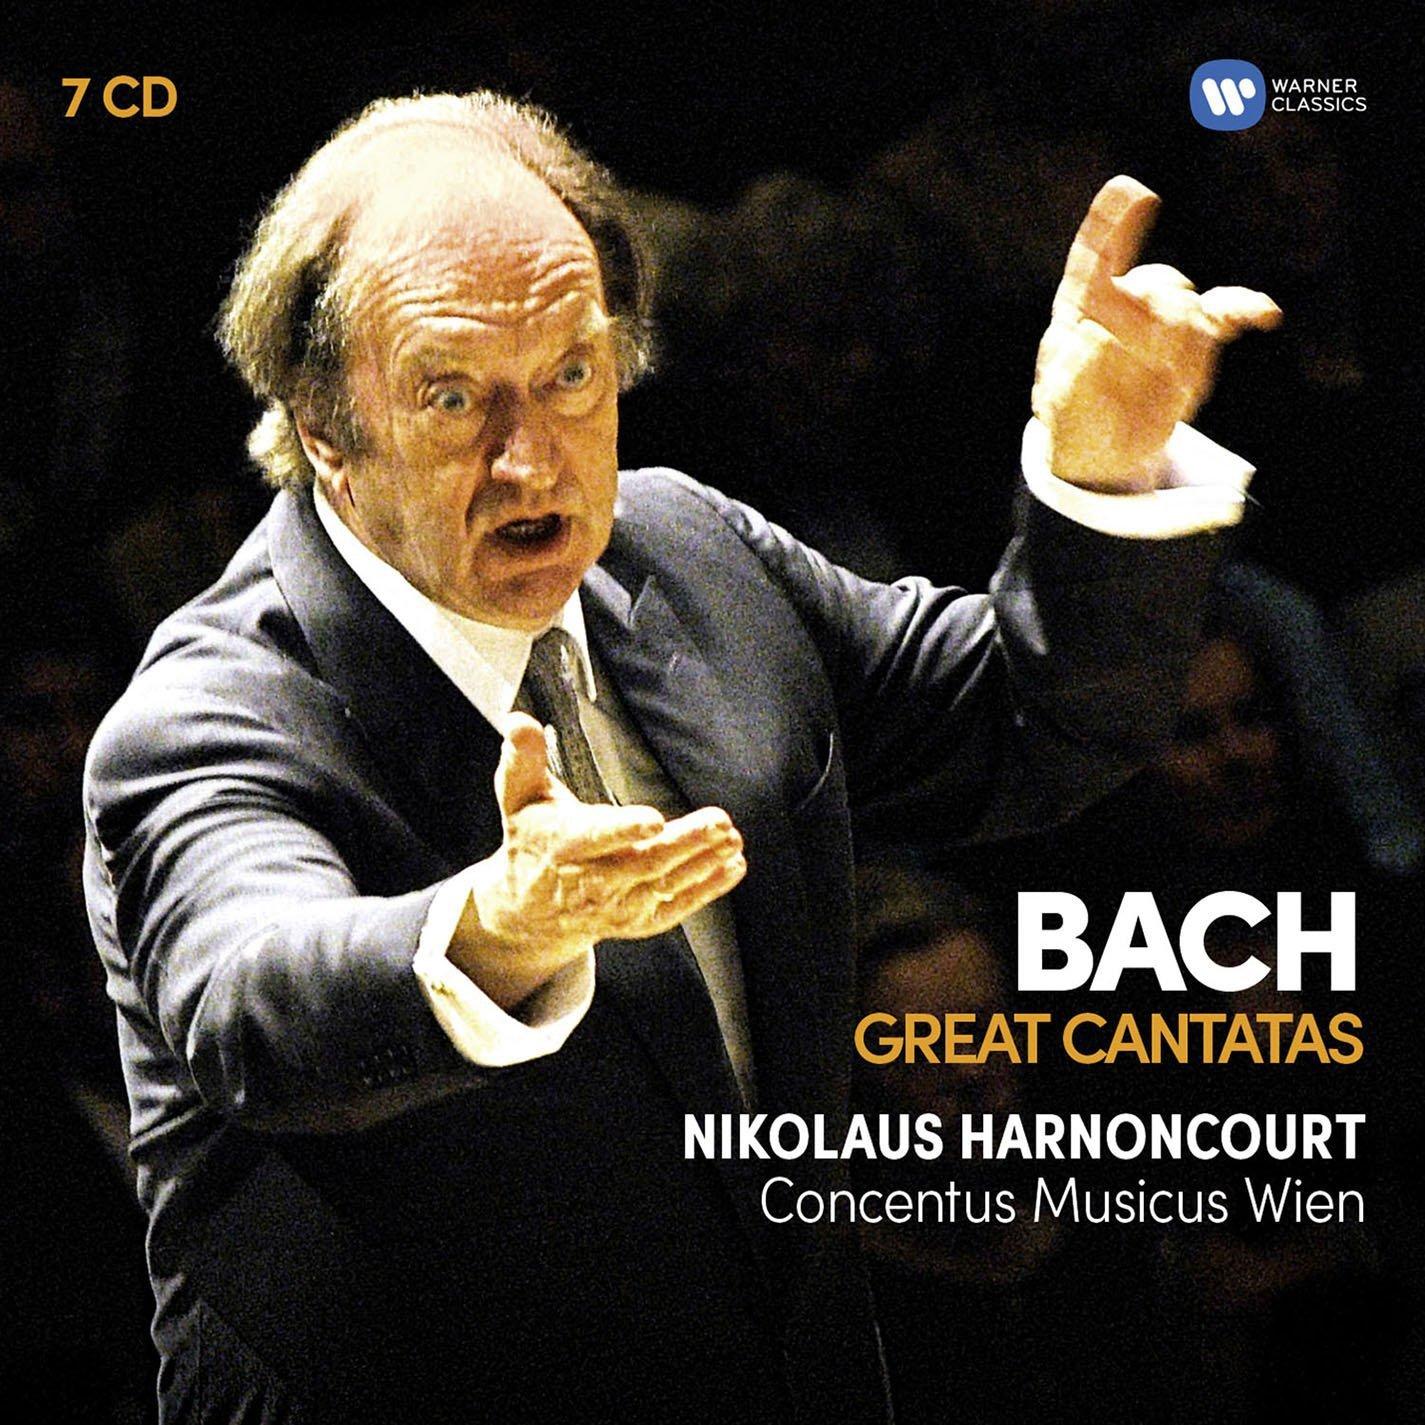 Bach: Great Cantatas